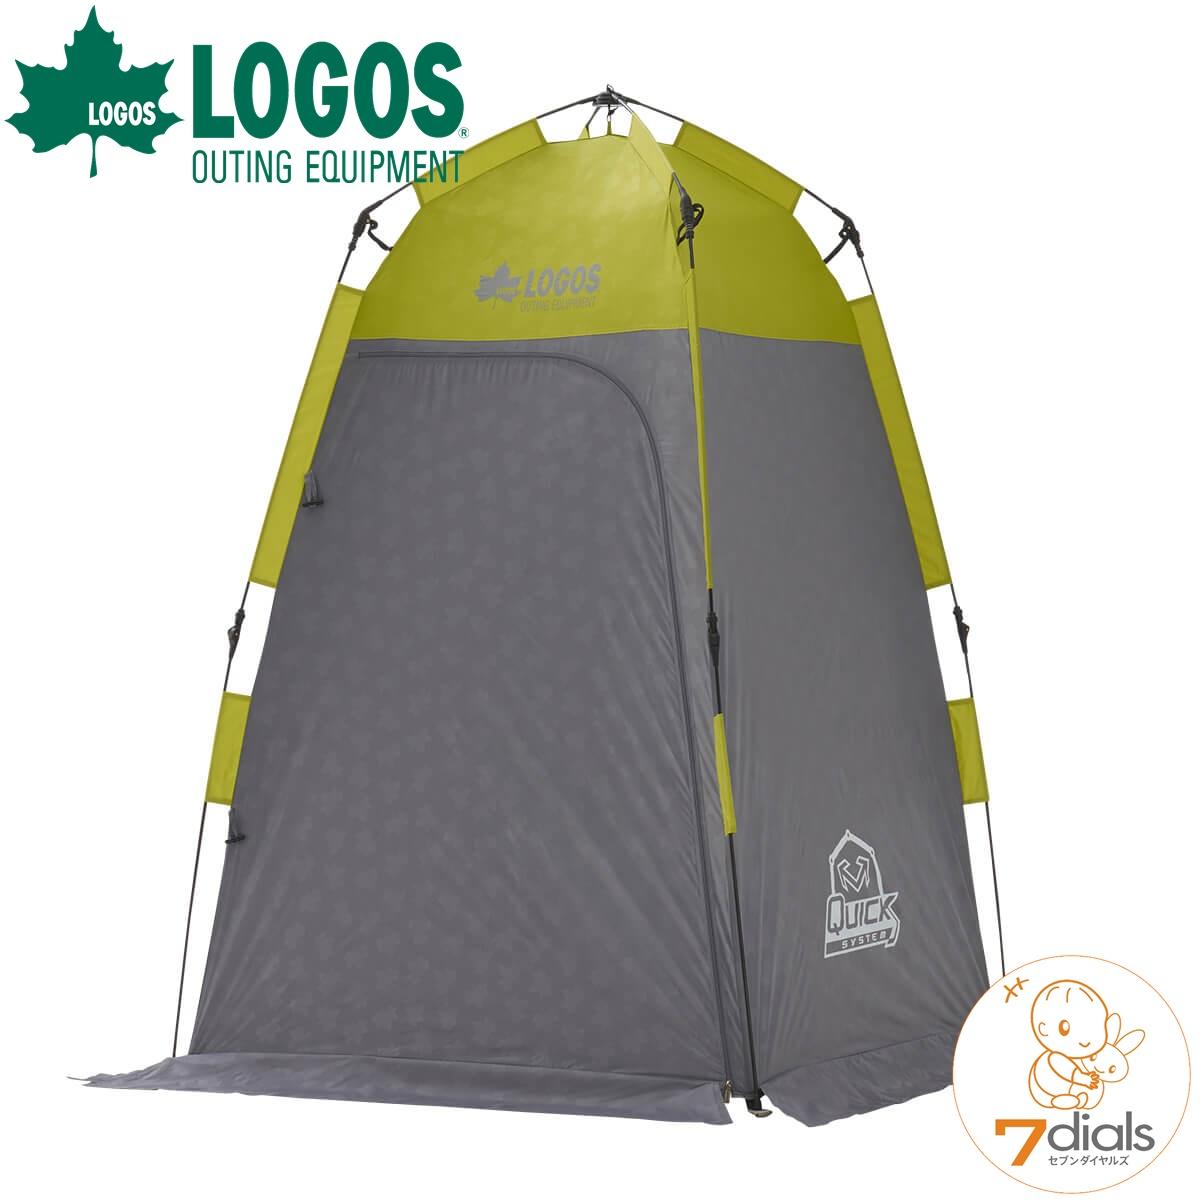 LOGOS/ロゴス LOGOS どこでもルーム Type-M テント 災害時のトイレ用テントや簡易シャワー室用として【送料無料】